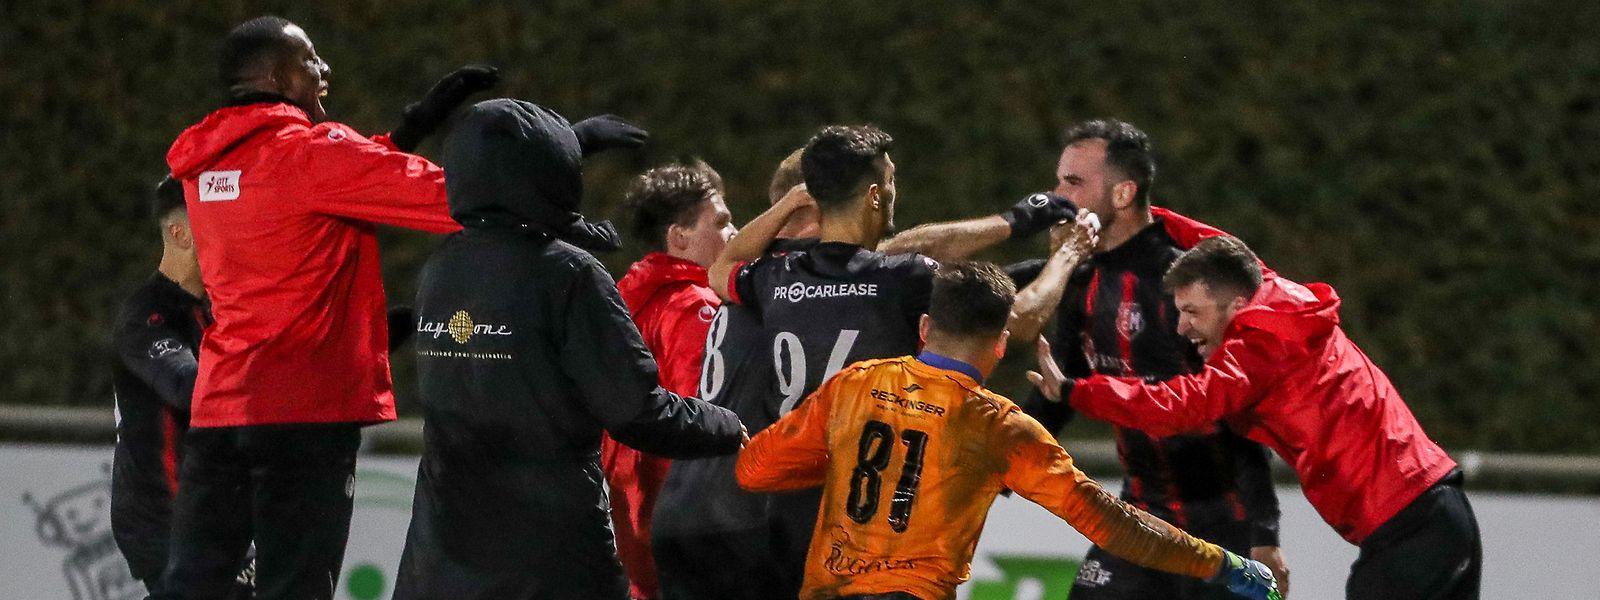 Le FC Mondercange a frappé fort en sortant le Fola  lors des 8es de finale de la coupe de Luxembourg